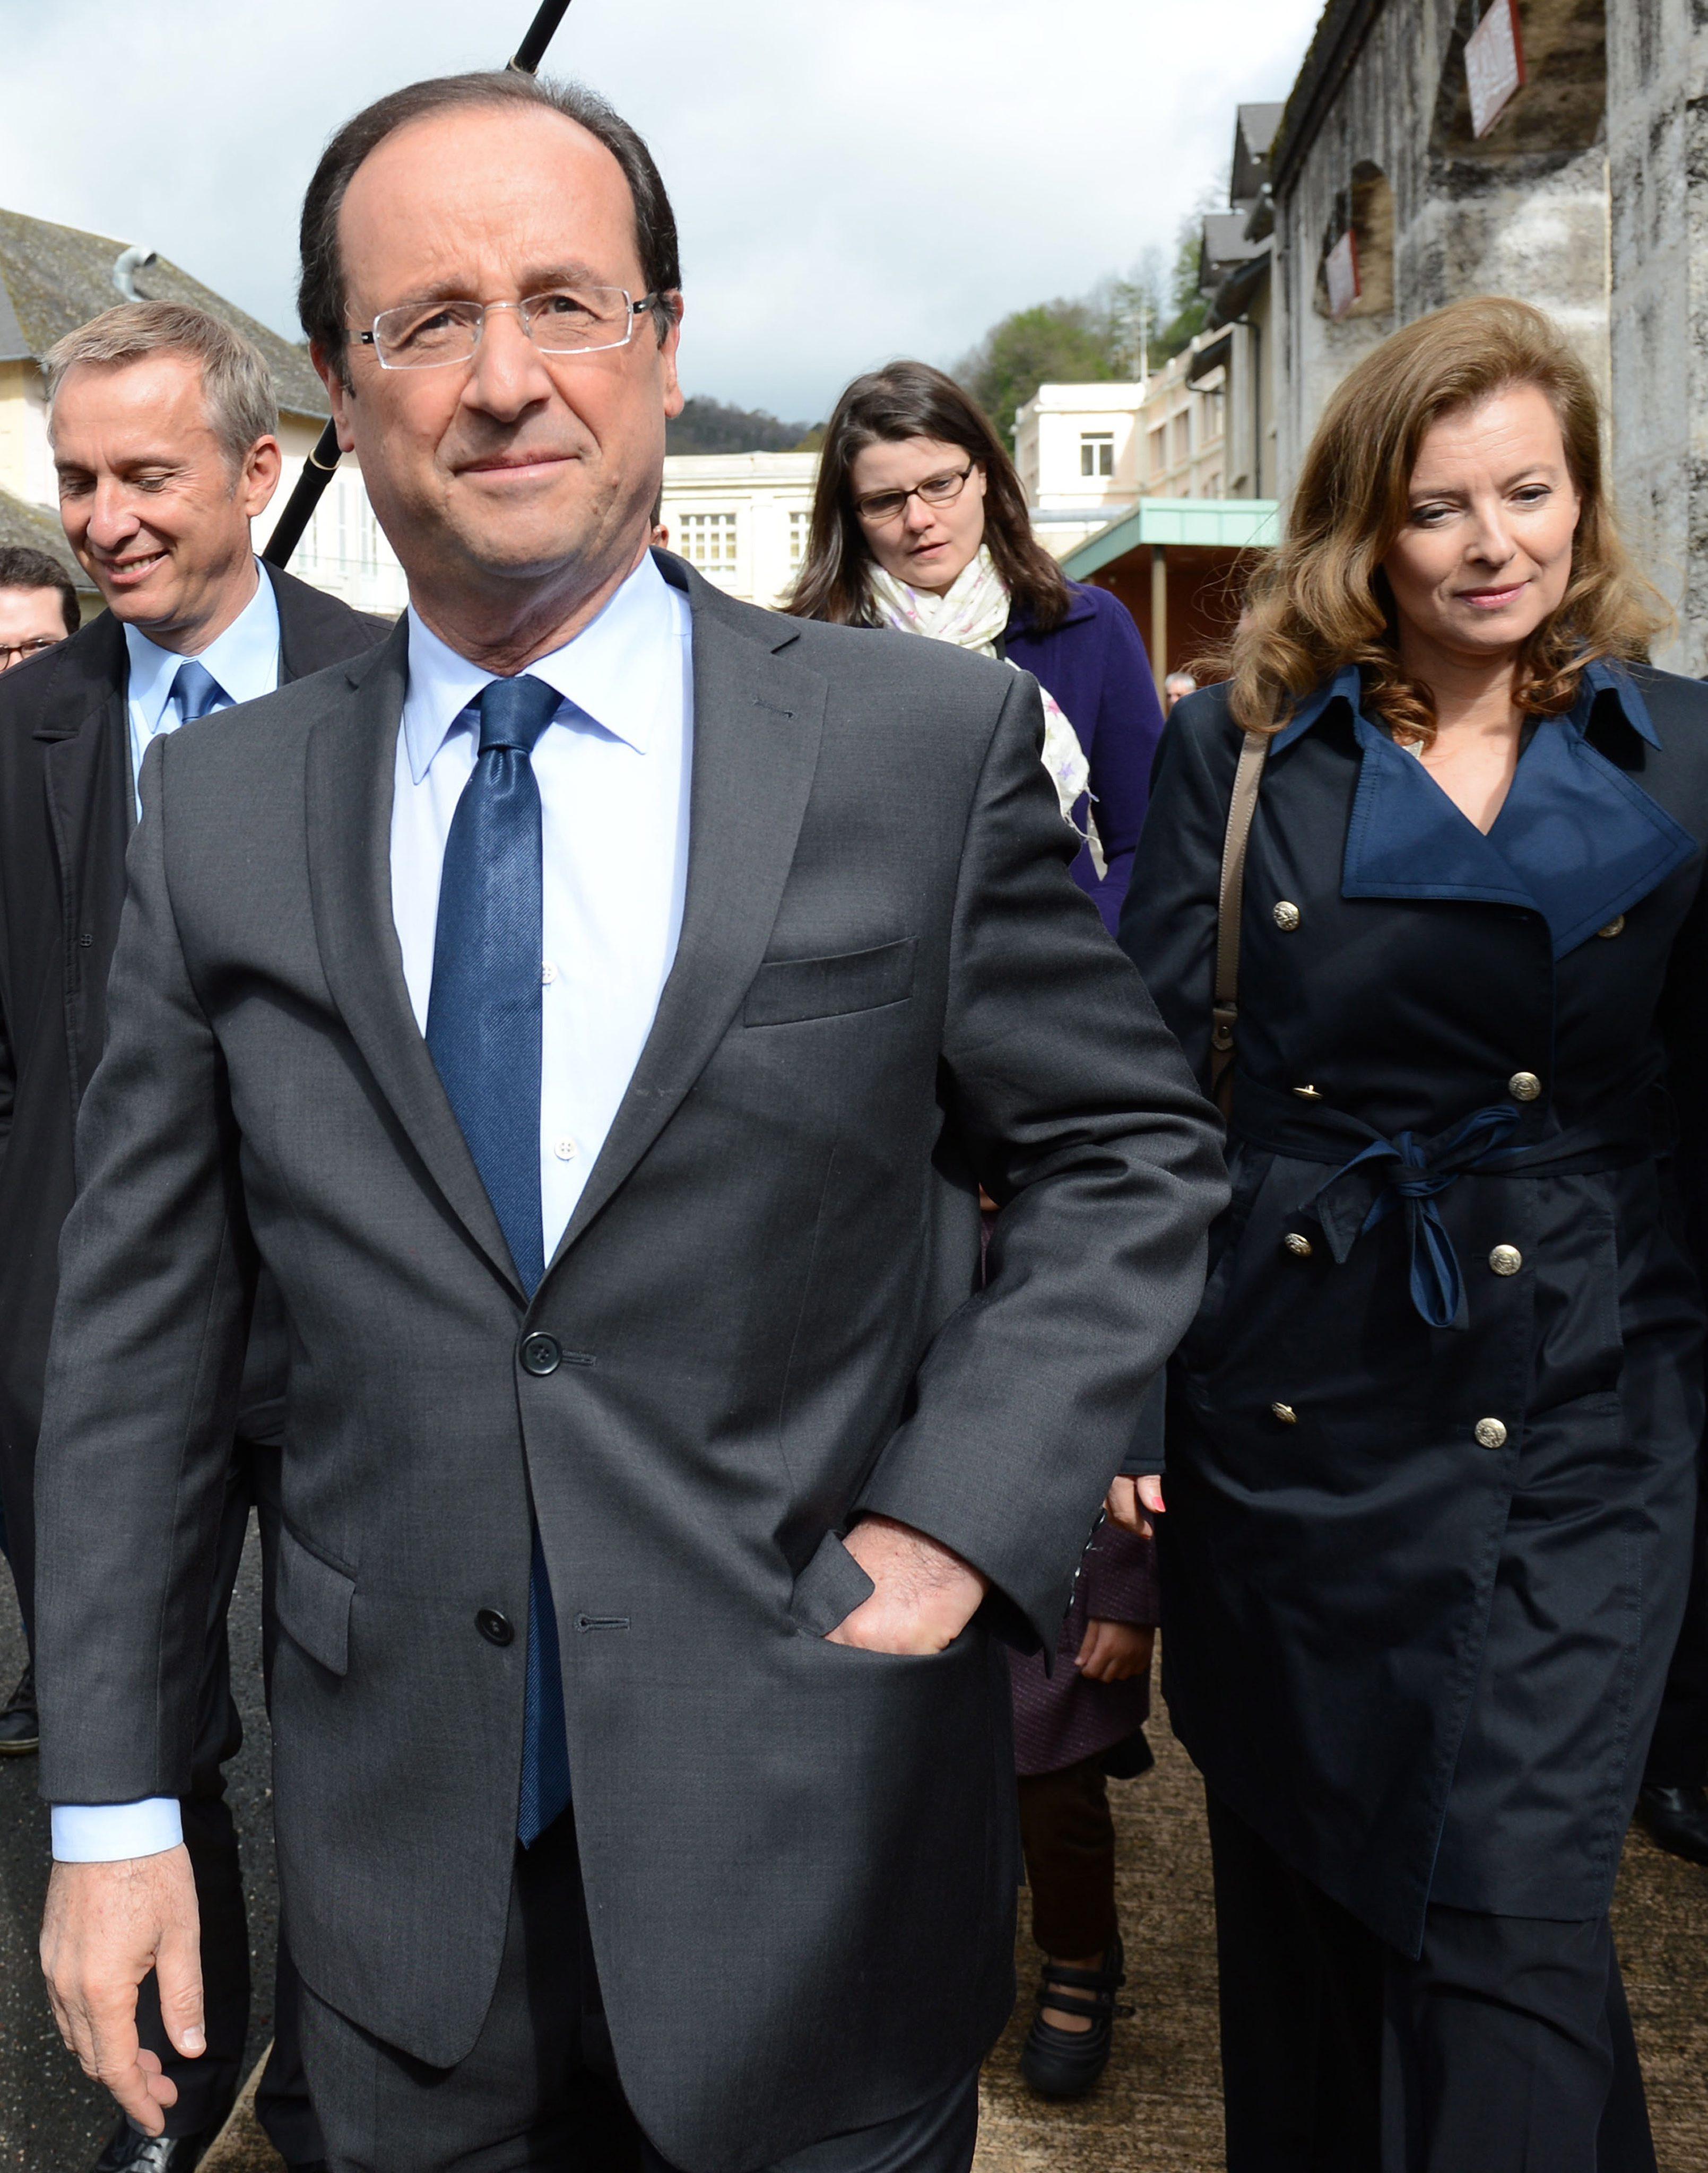 Оланд печели първи тур на изборите, отива на балотаж със Саркози